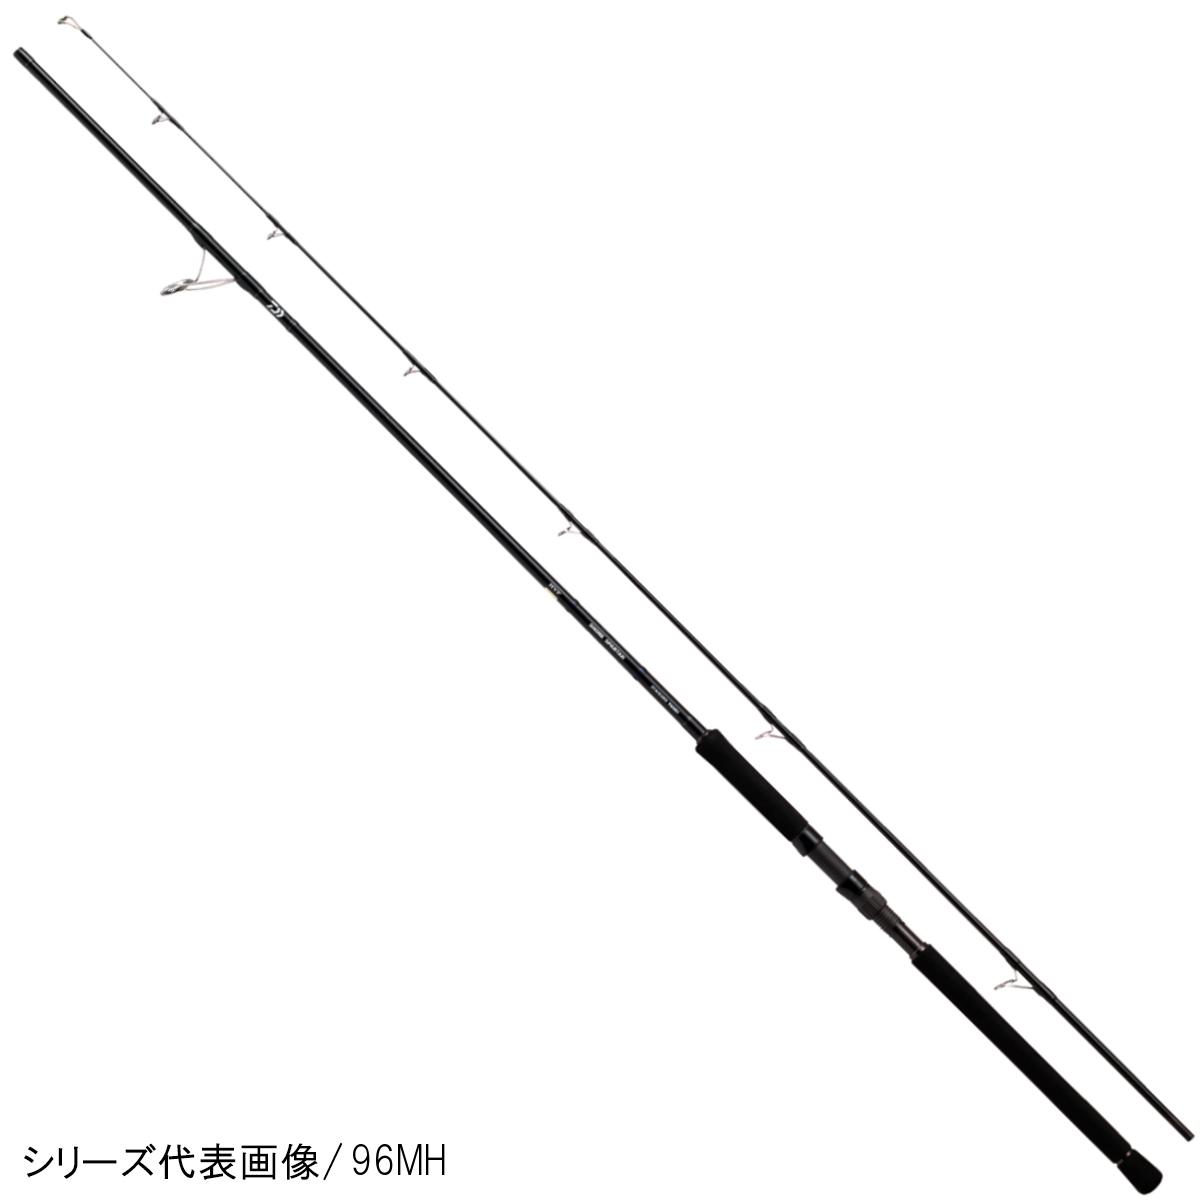 ダイワ ショアスパルタン スタンダード 96M【大型商品】